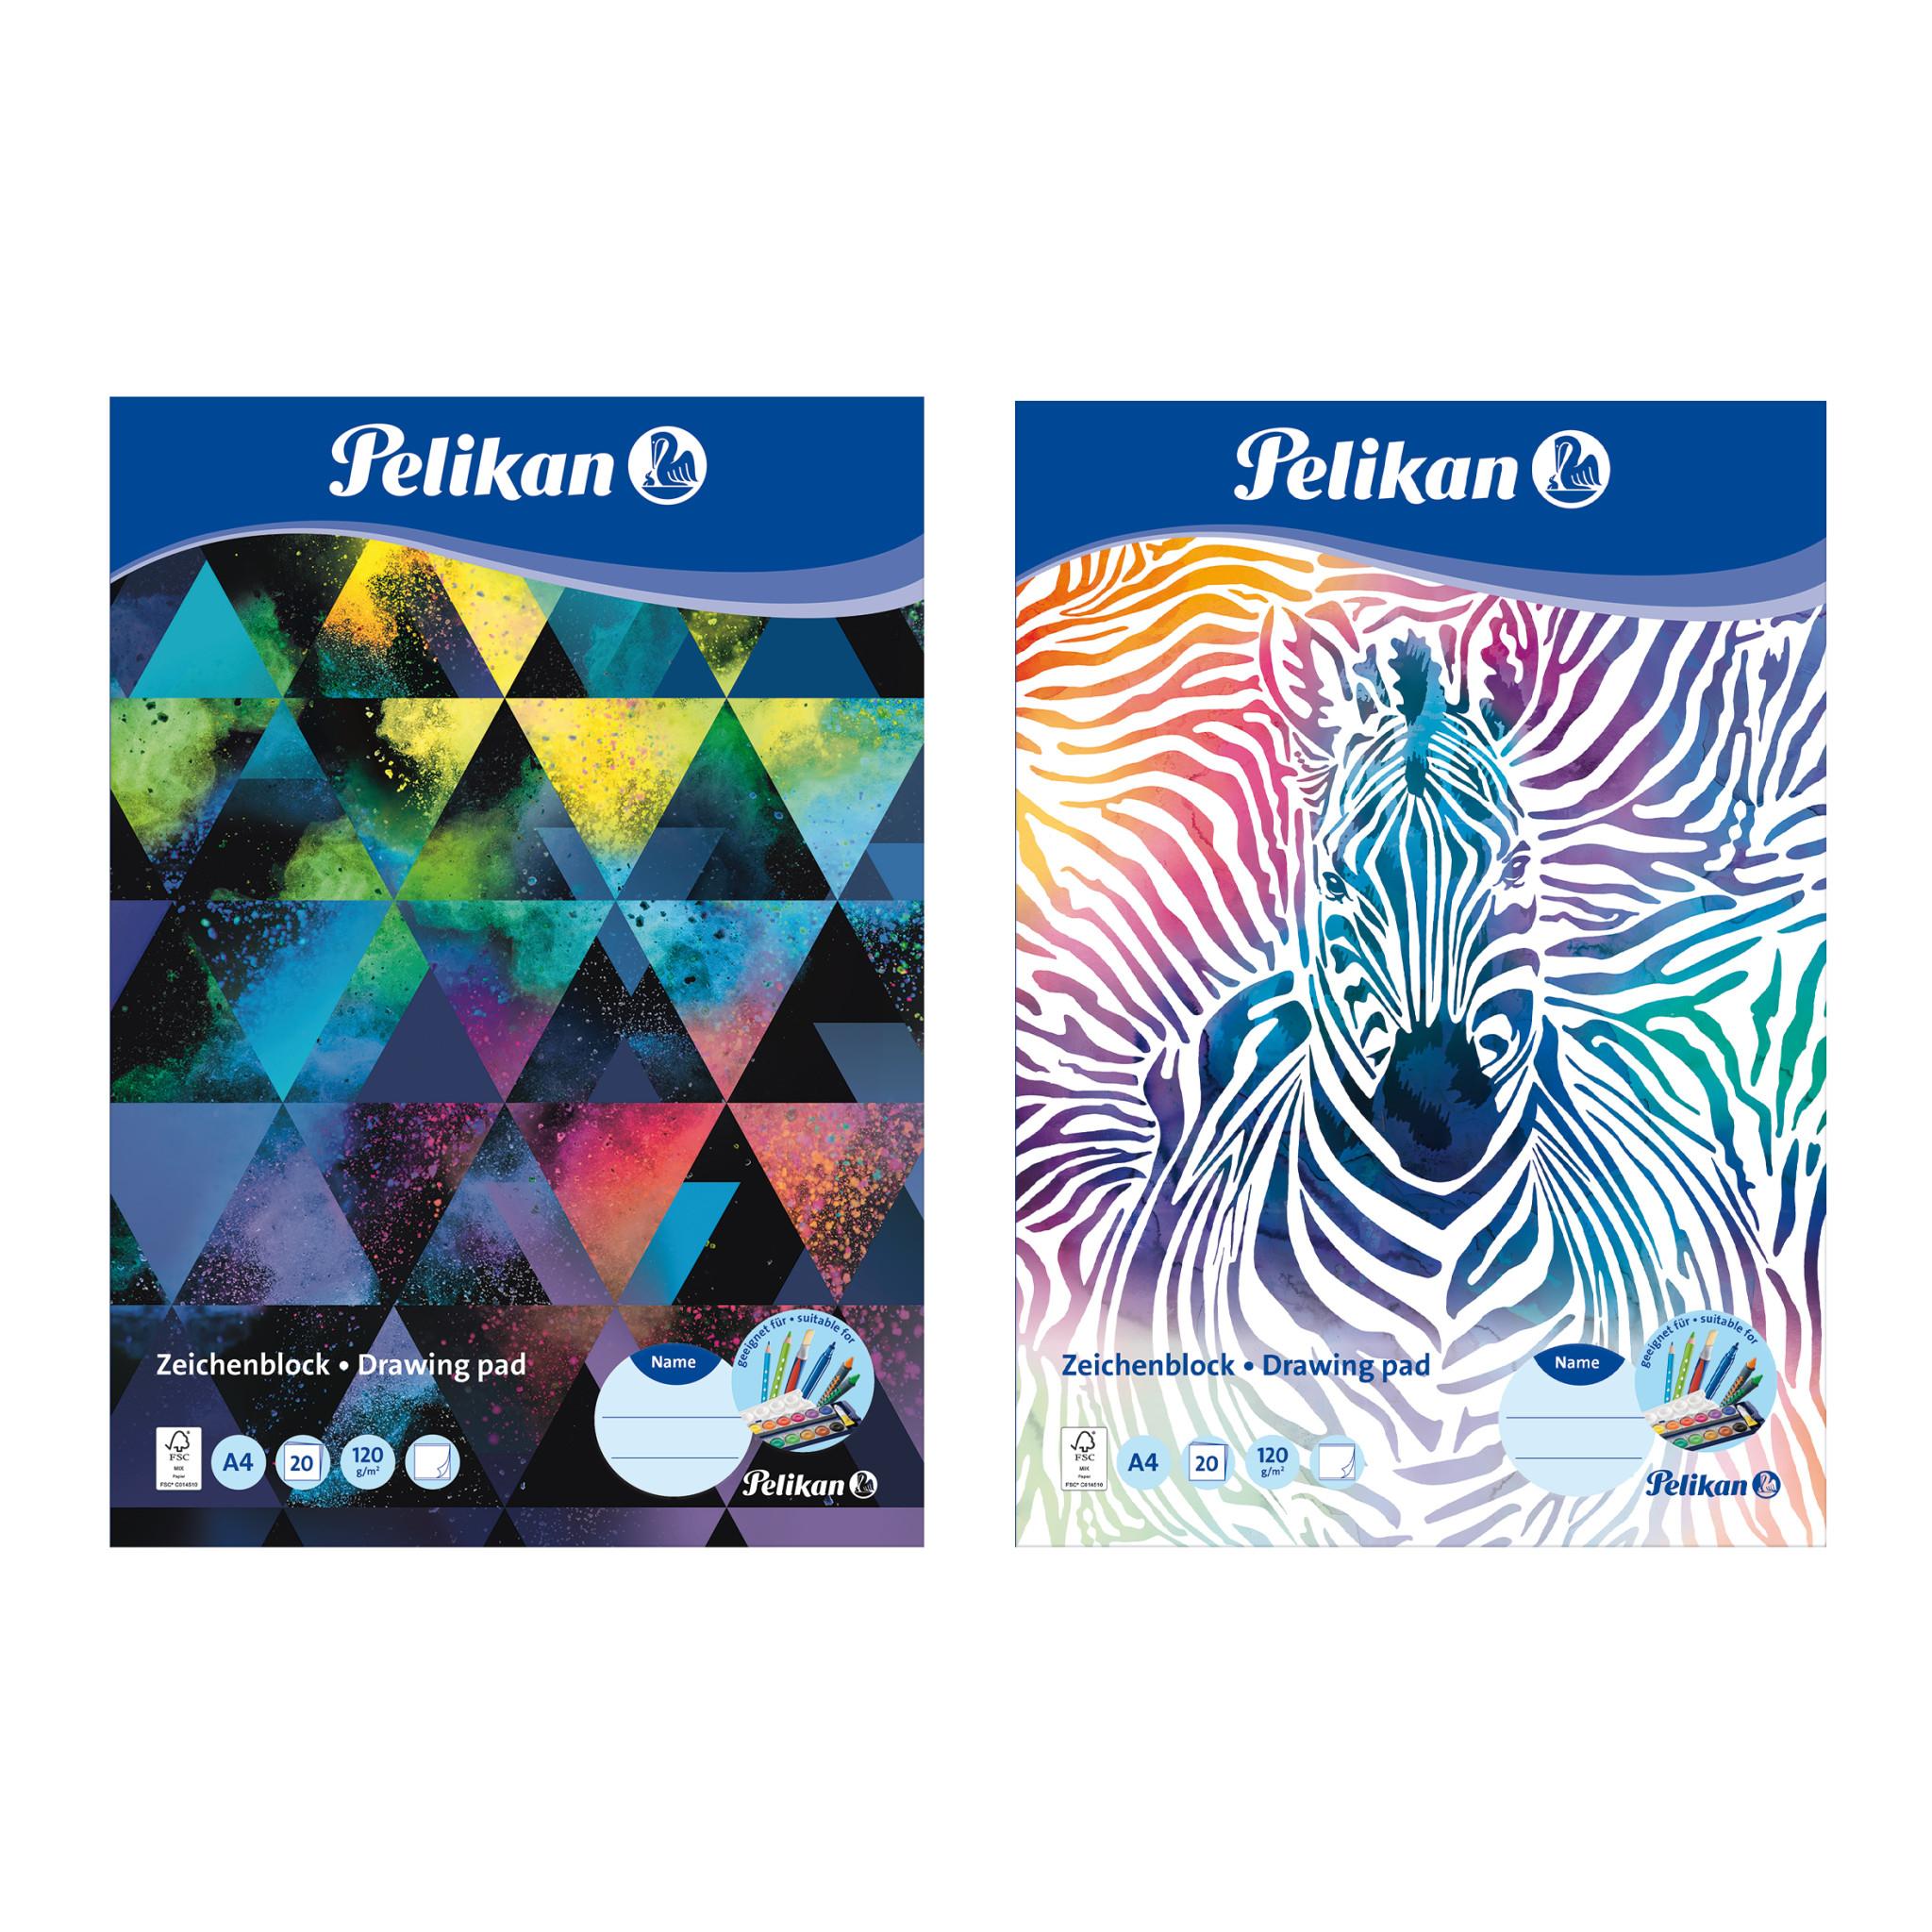 Pelikan 236782 -Zeichenblock - A4 - 120 g/m² - 20 Blätter